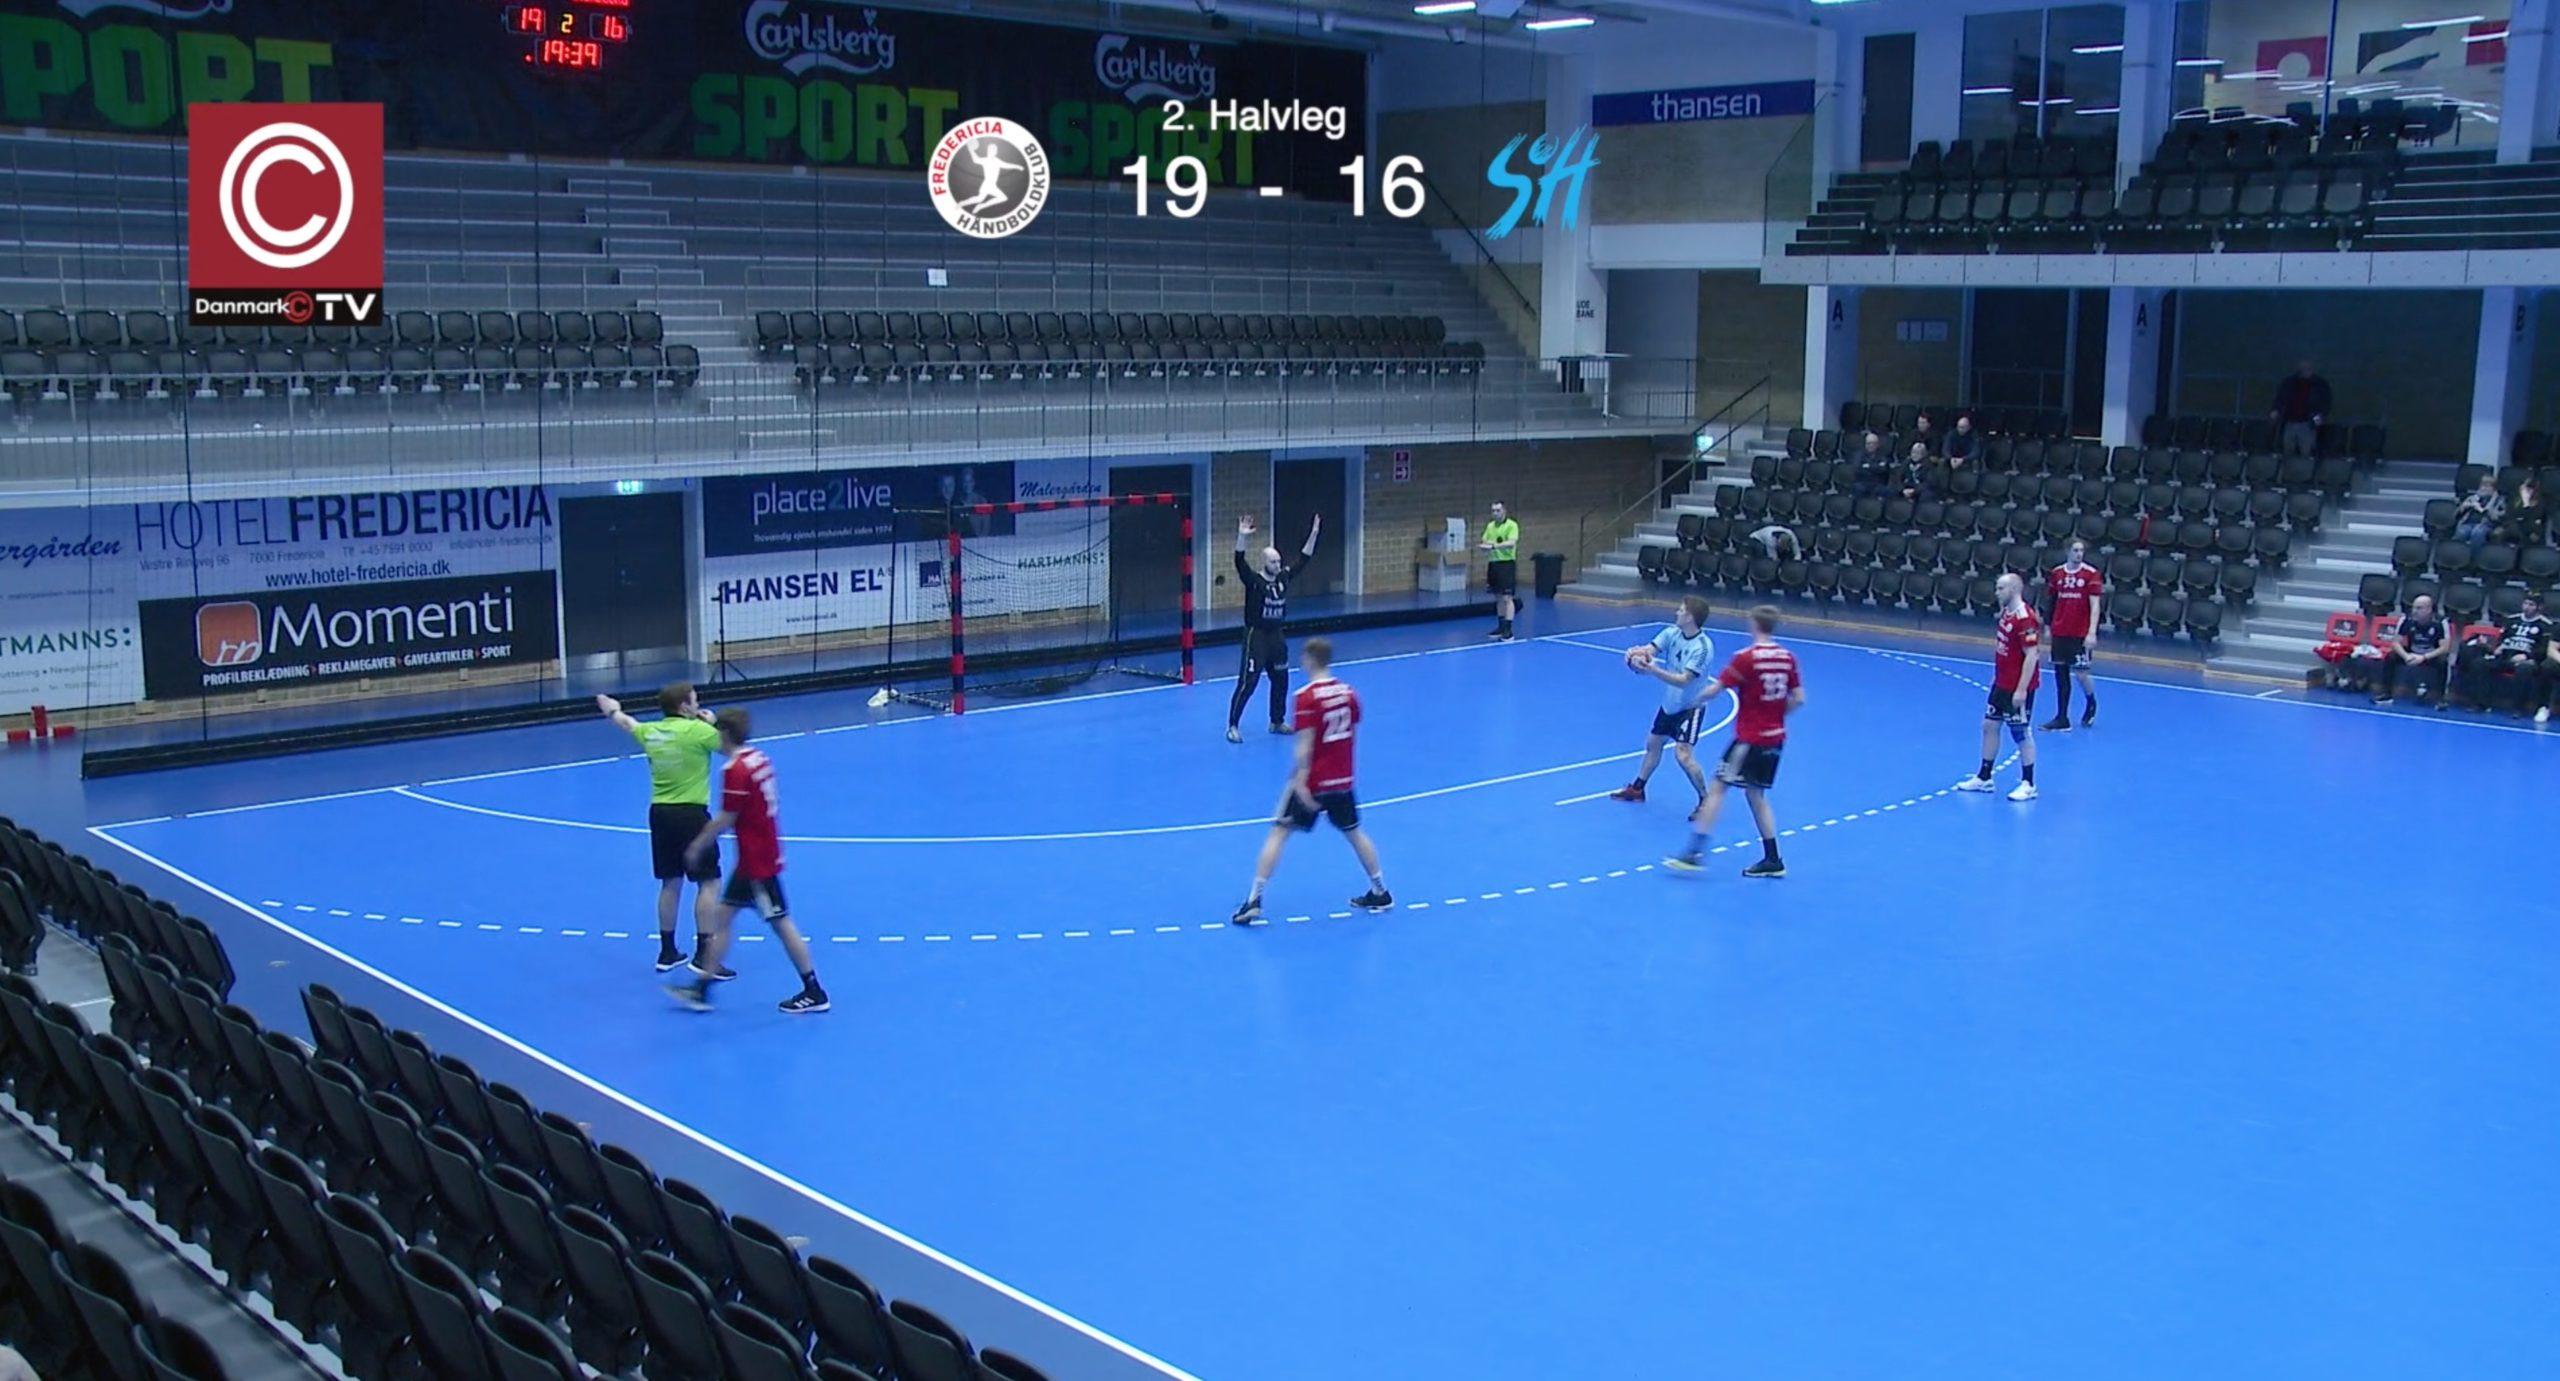 Se håndholdkampen : FHK2 V.s. Svendborg